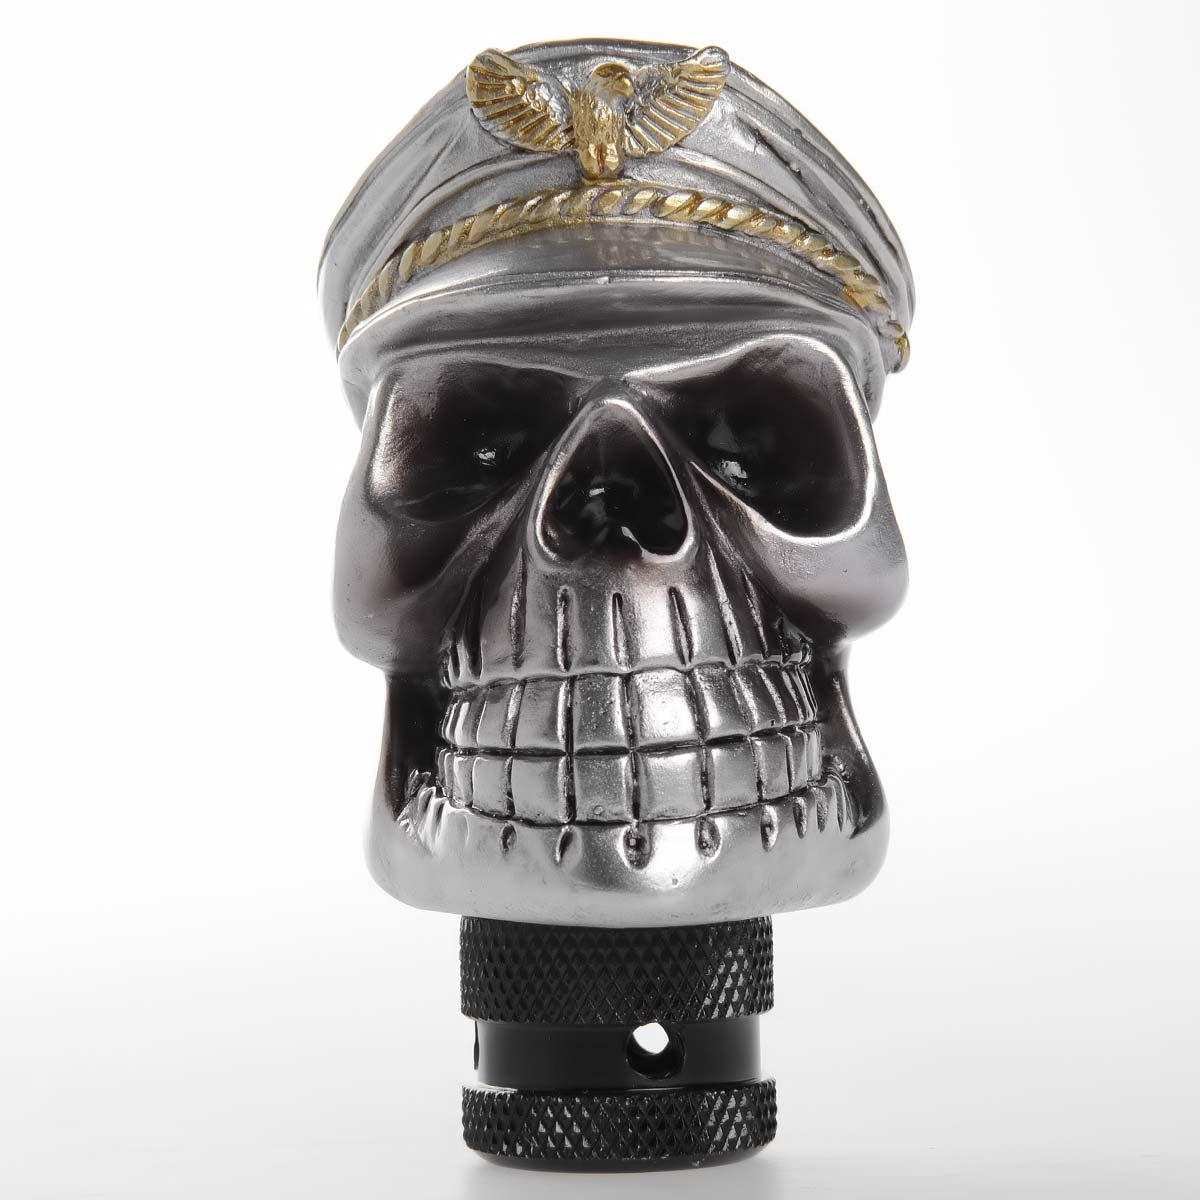 Λεβιές ταχυτήτων για τη διακόσμηση του αυτοκινήτου Navy Skull - OEM 51469